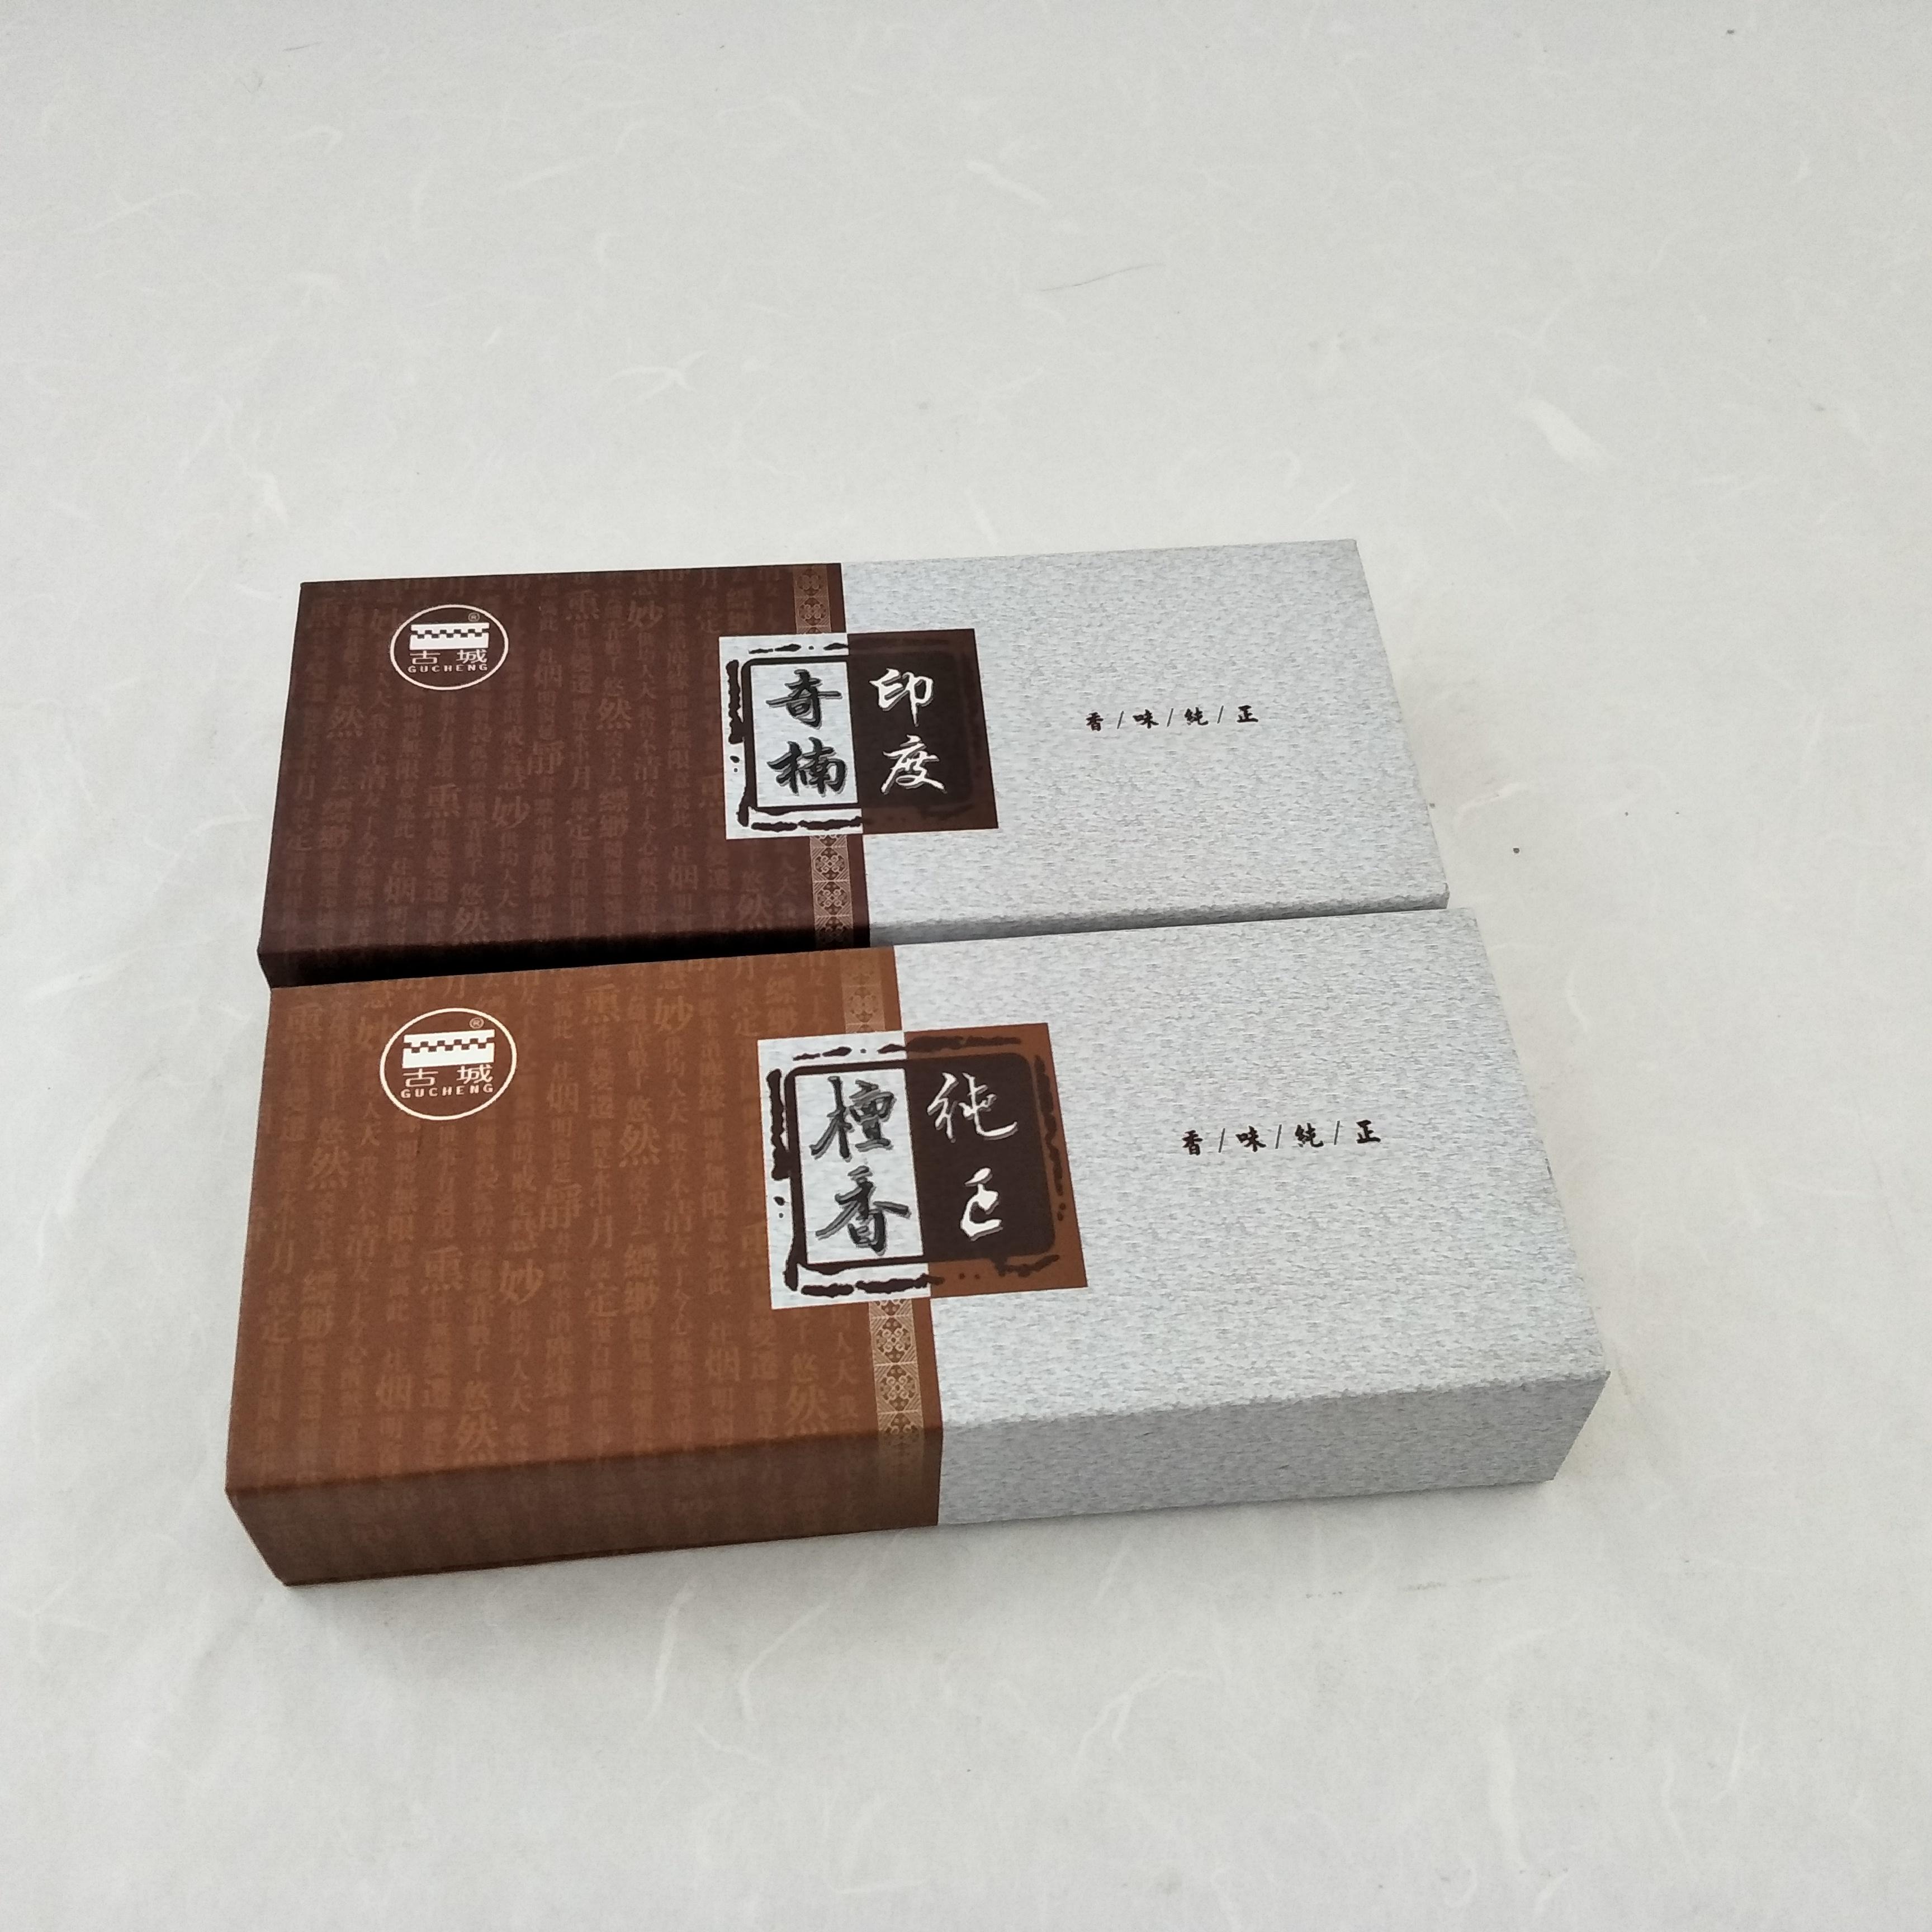 书式翻盖精美礼品包装盒 生日礼物包装盒 化妆品包装盒 保健品包装盒 食品包装盒 家纺盒